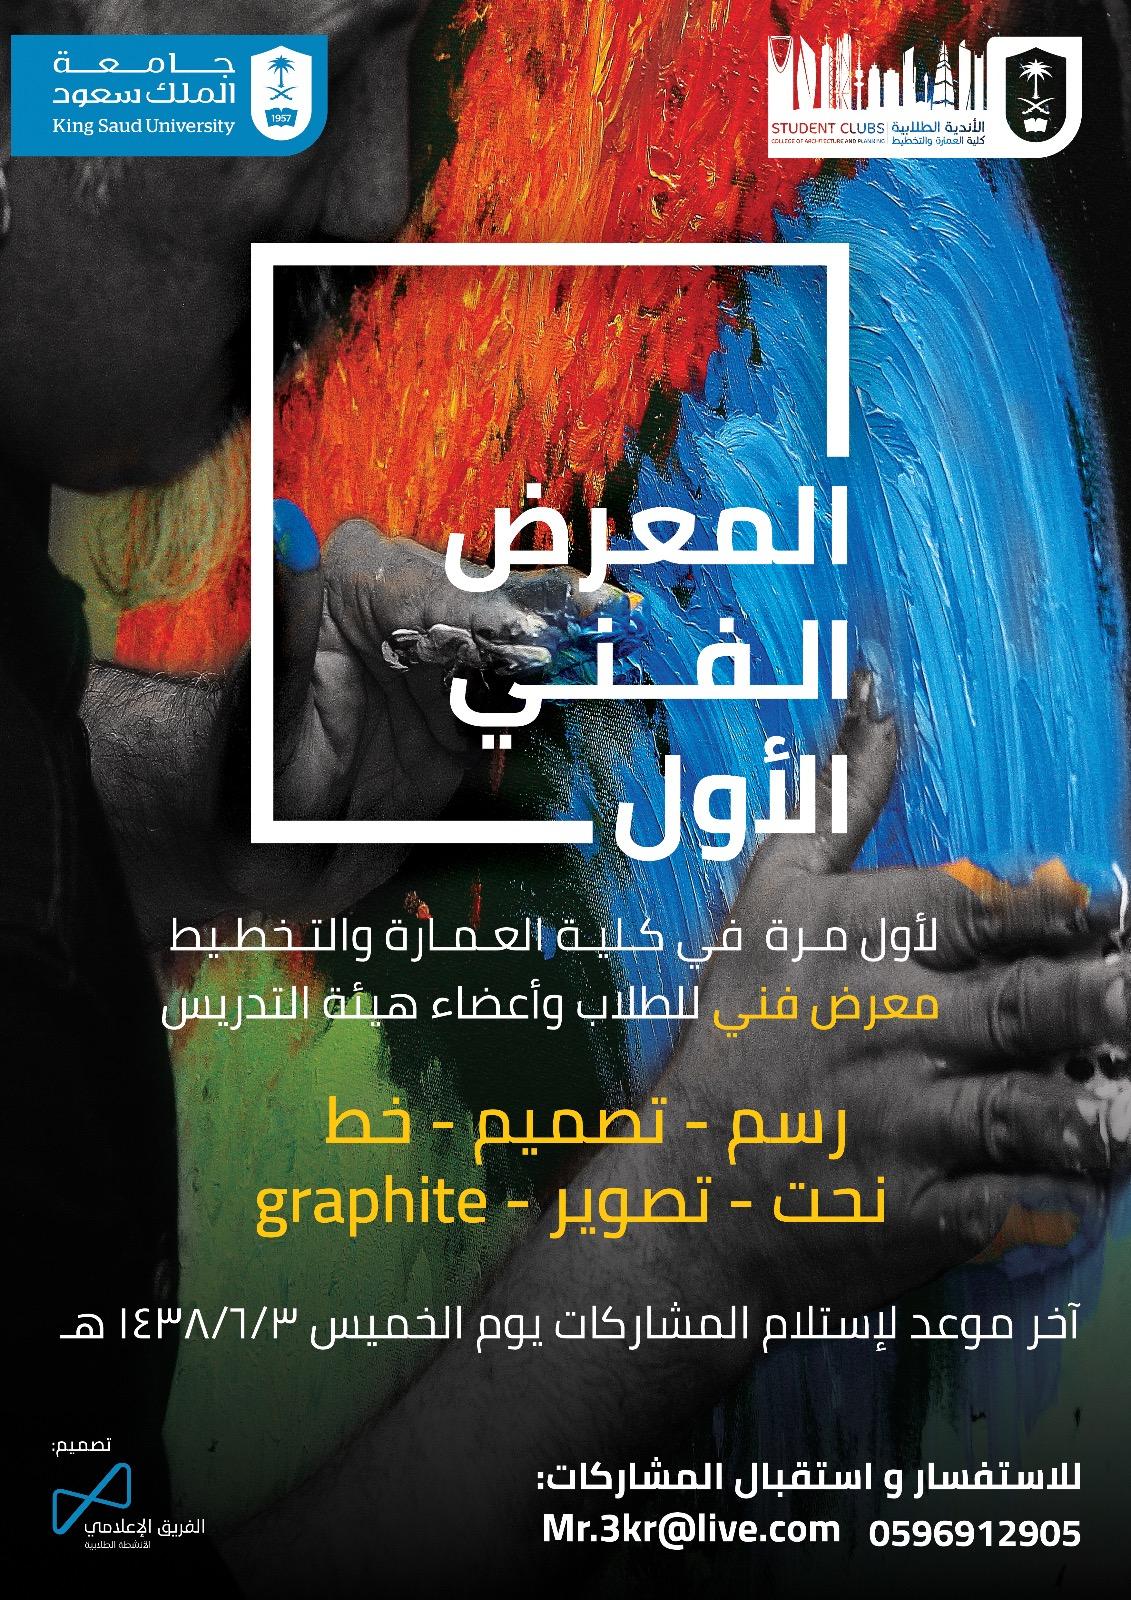 النادي الثقافي يُنظم اللجنة الخاصة بتدشين فعالية معرض الفنون